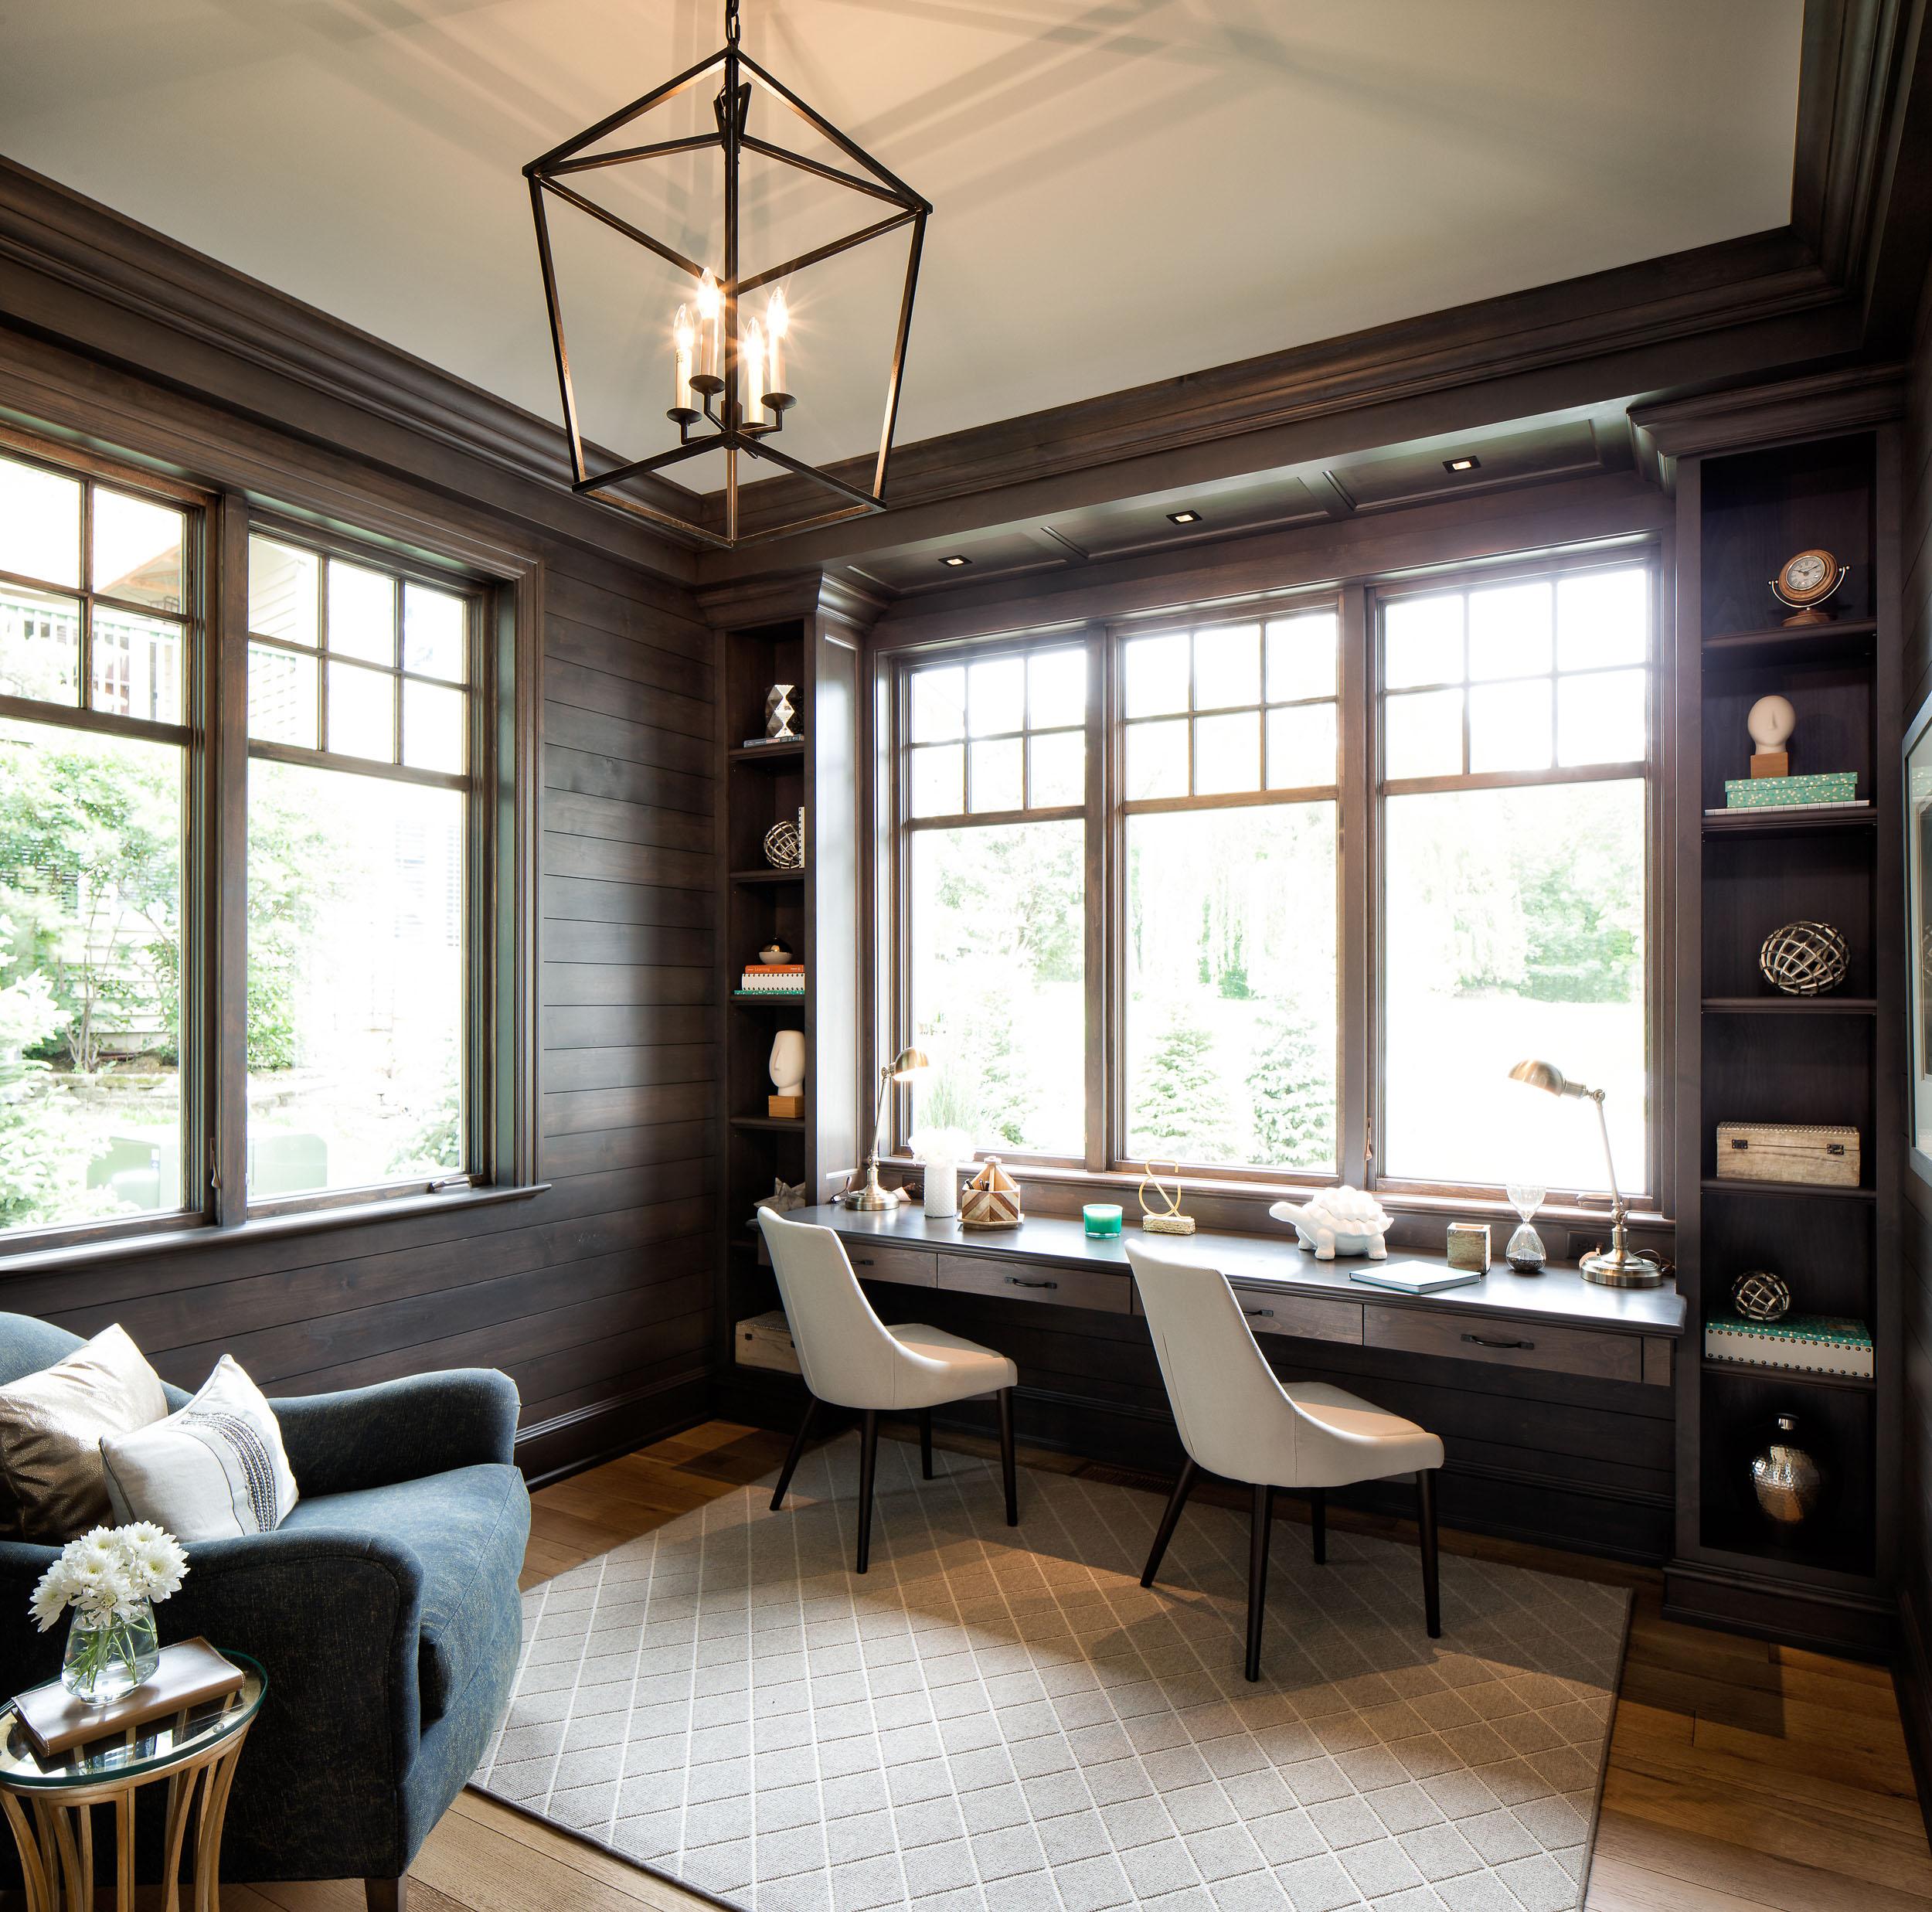 Lake Artisan Home Office Image